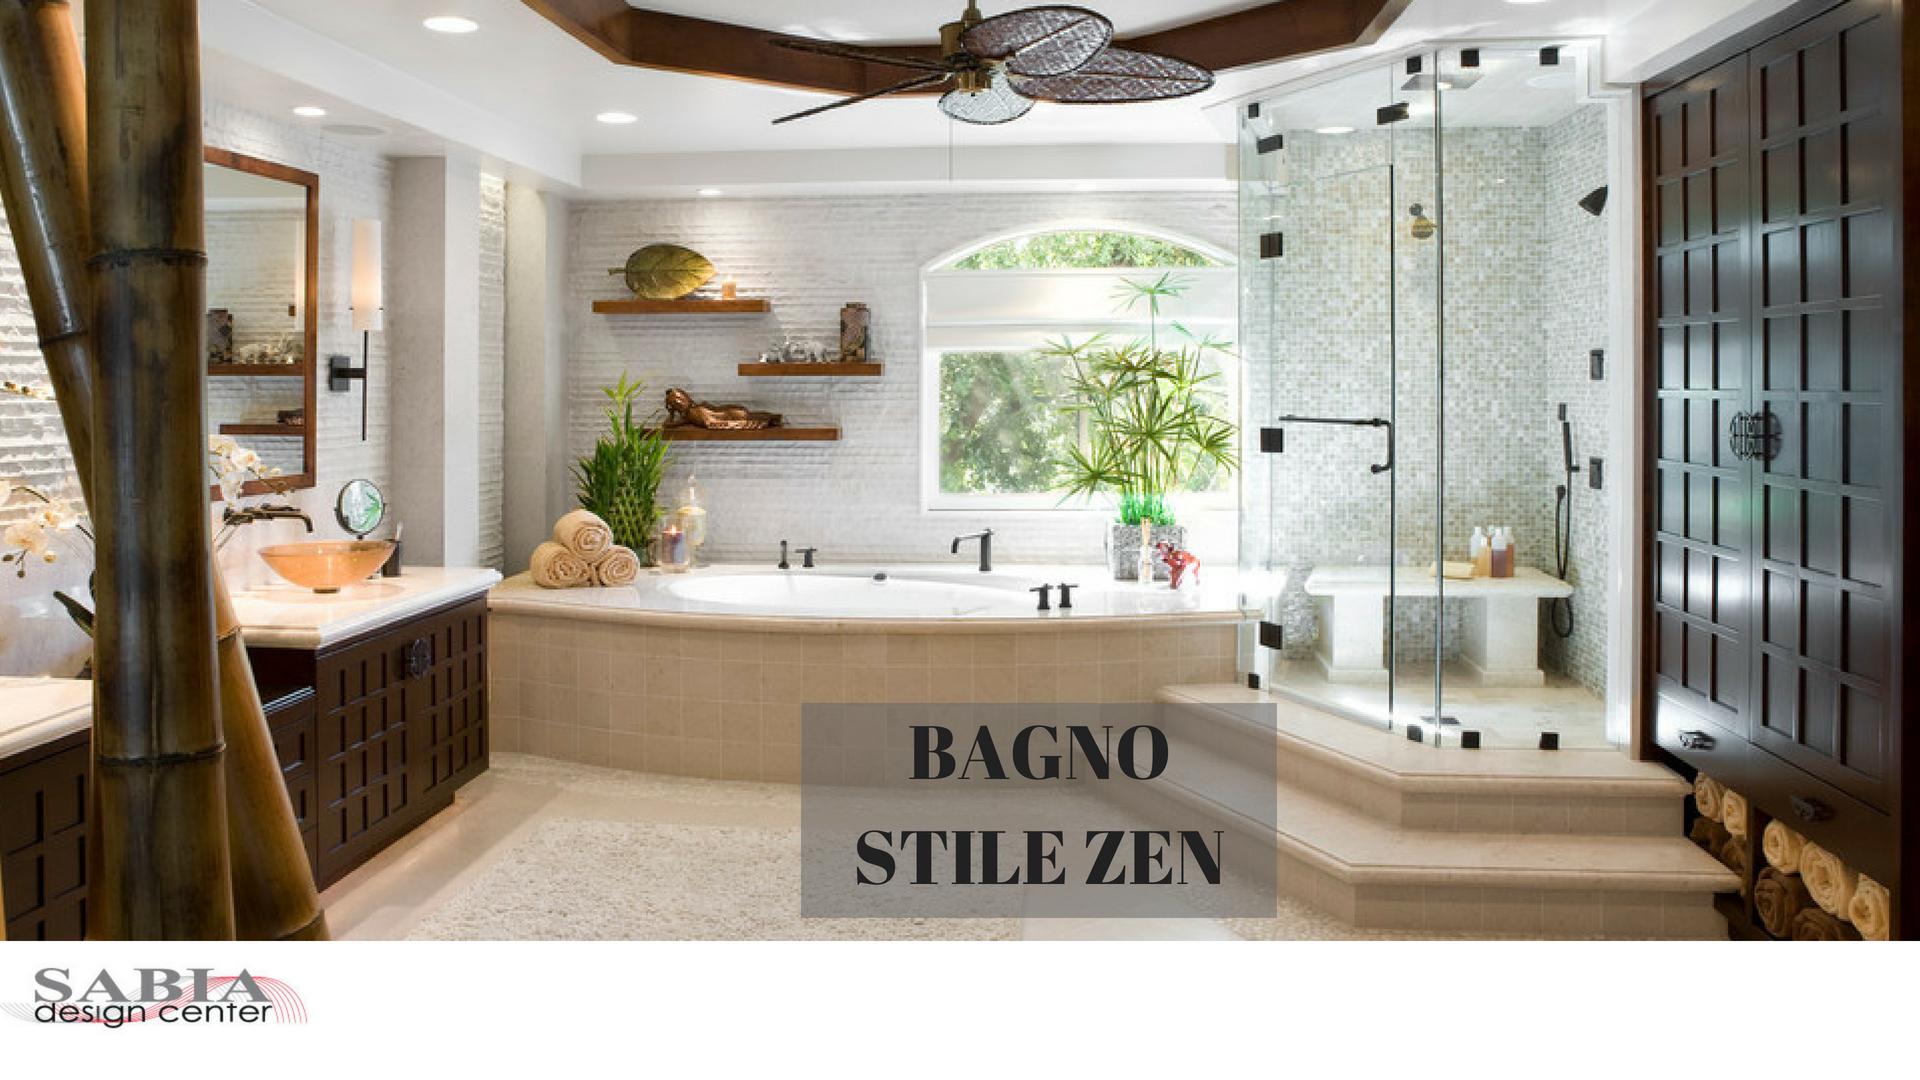 Vasche Da Bagno Zen : Arredare il bagno secondo la filosofia zen sabia design center